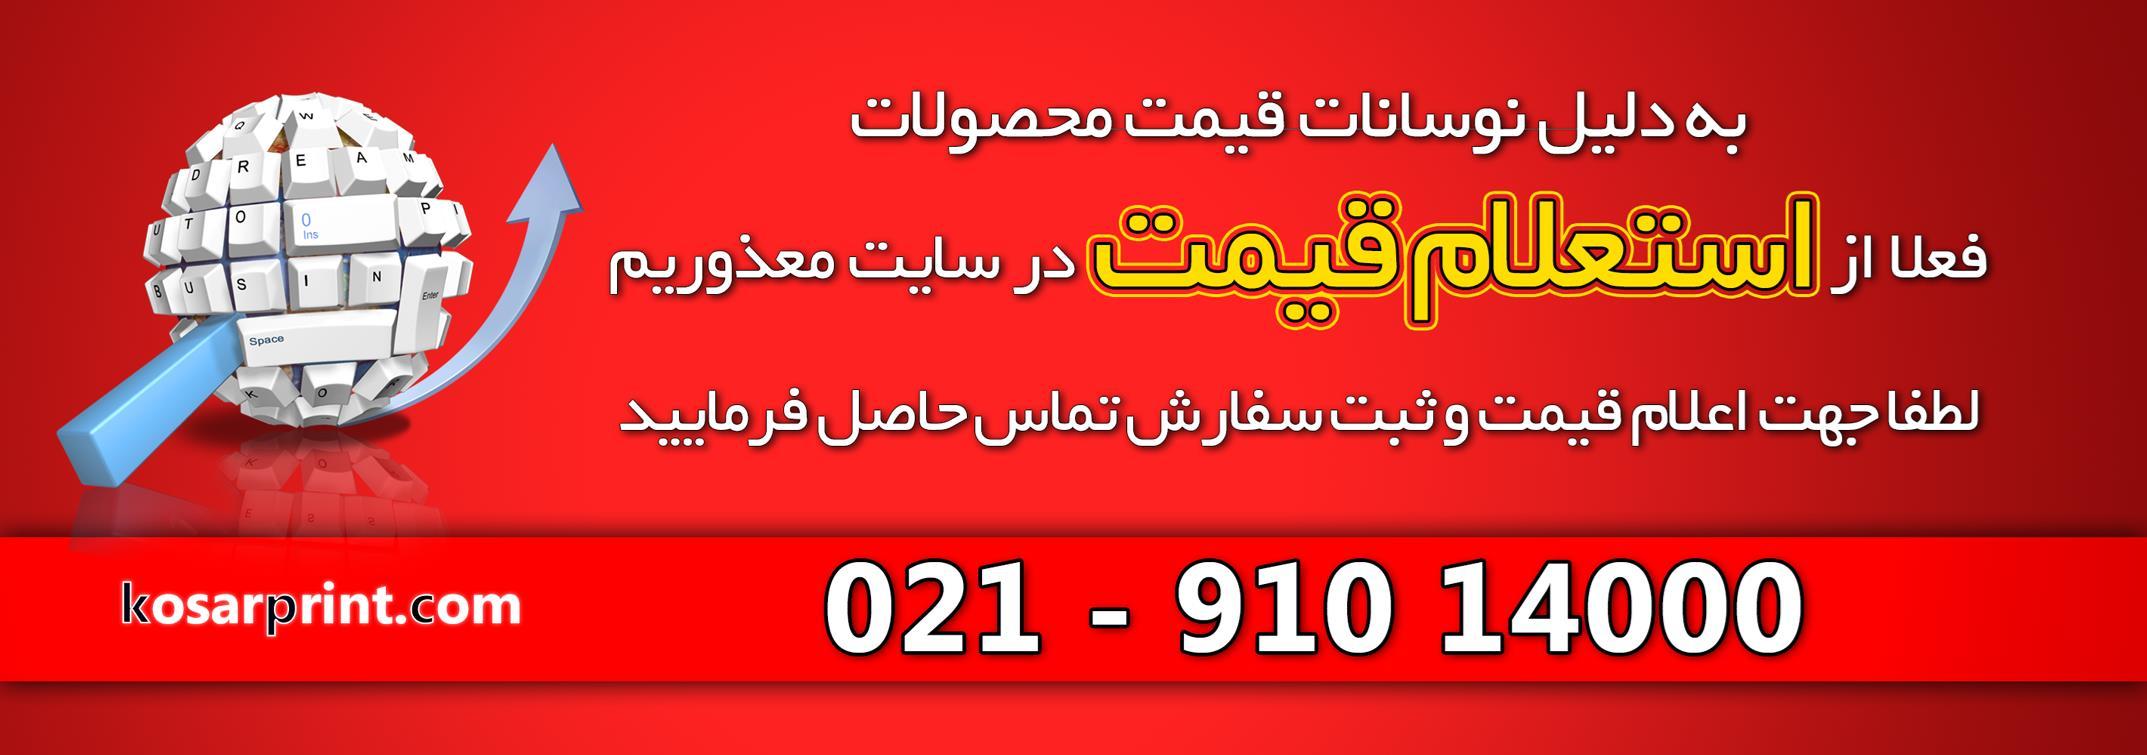 ثبت سفارش و استعلام قیمت تلفنی